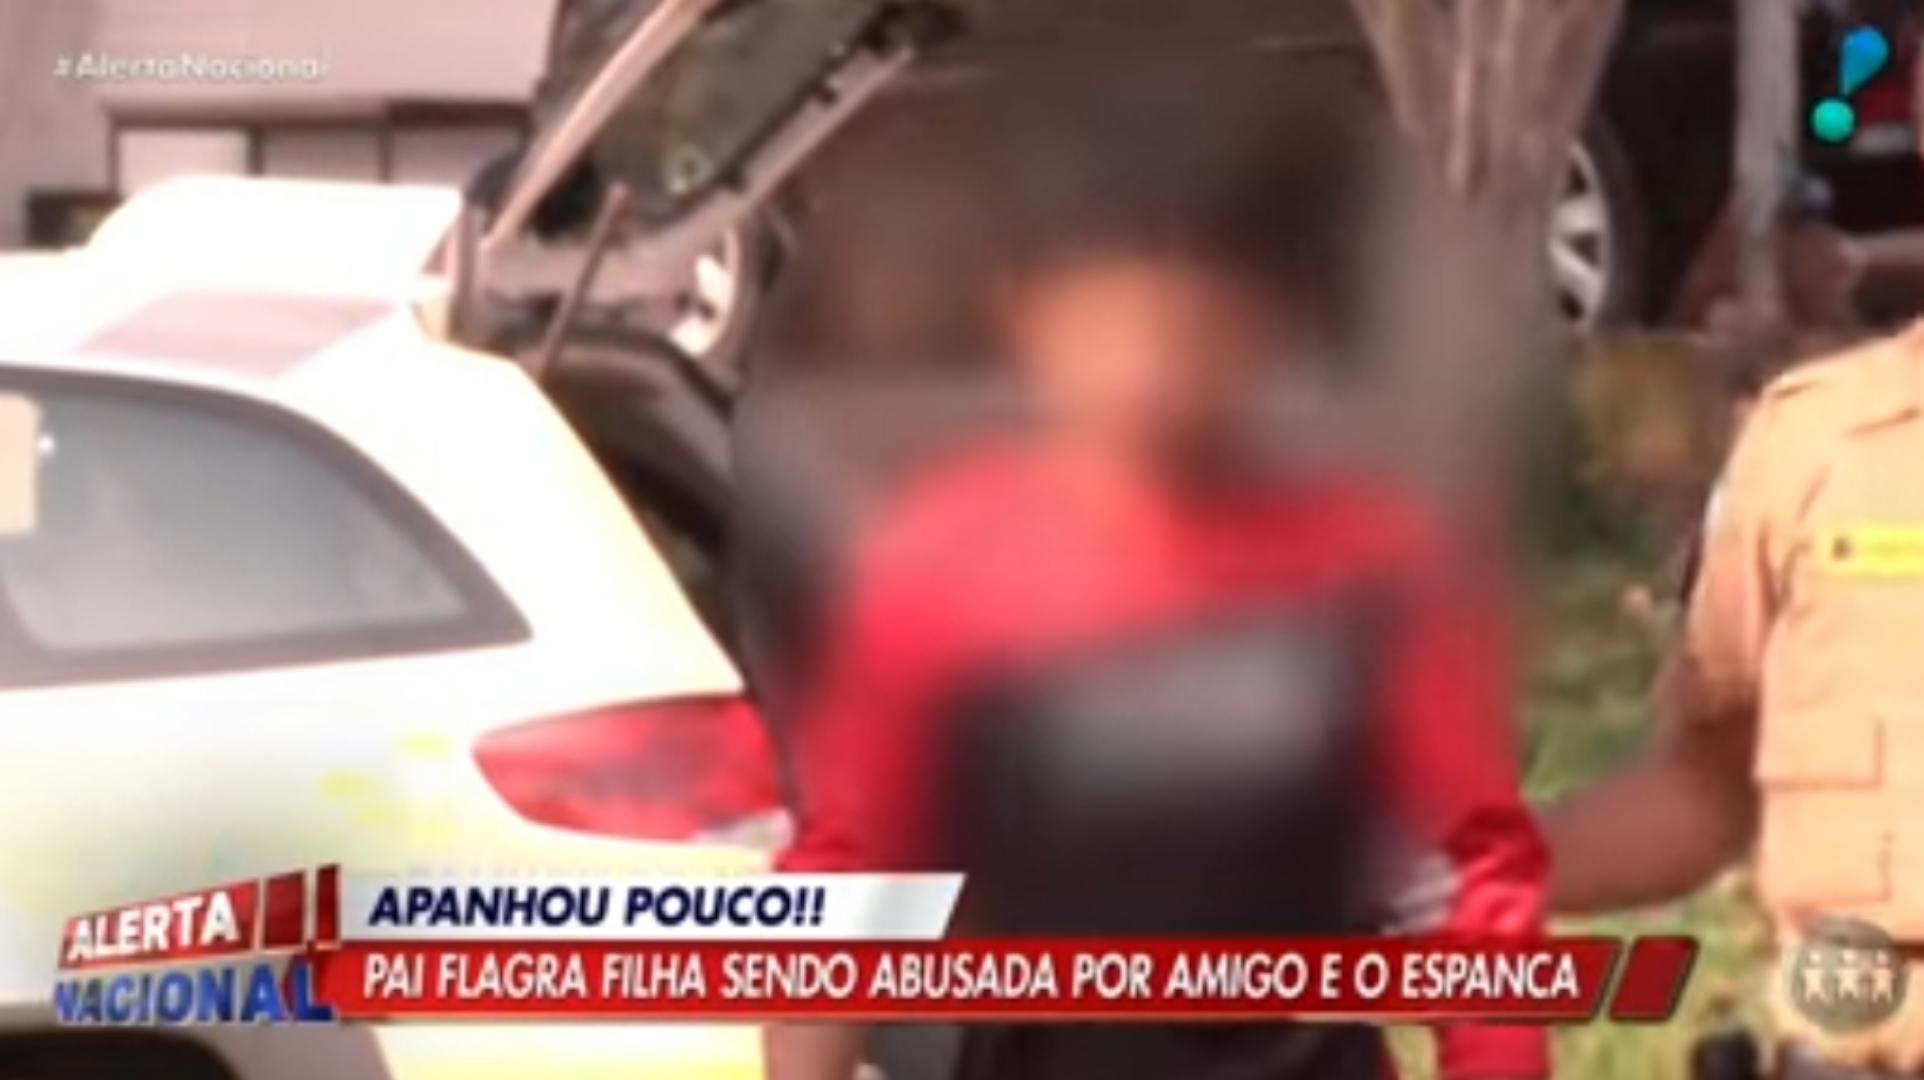 Pai vê filha de 5 anos sendo abusada pelo amigo e o espanca violentamente; assista